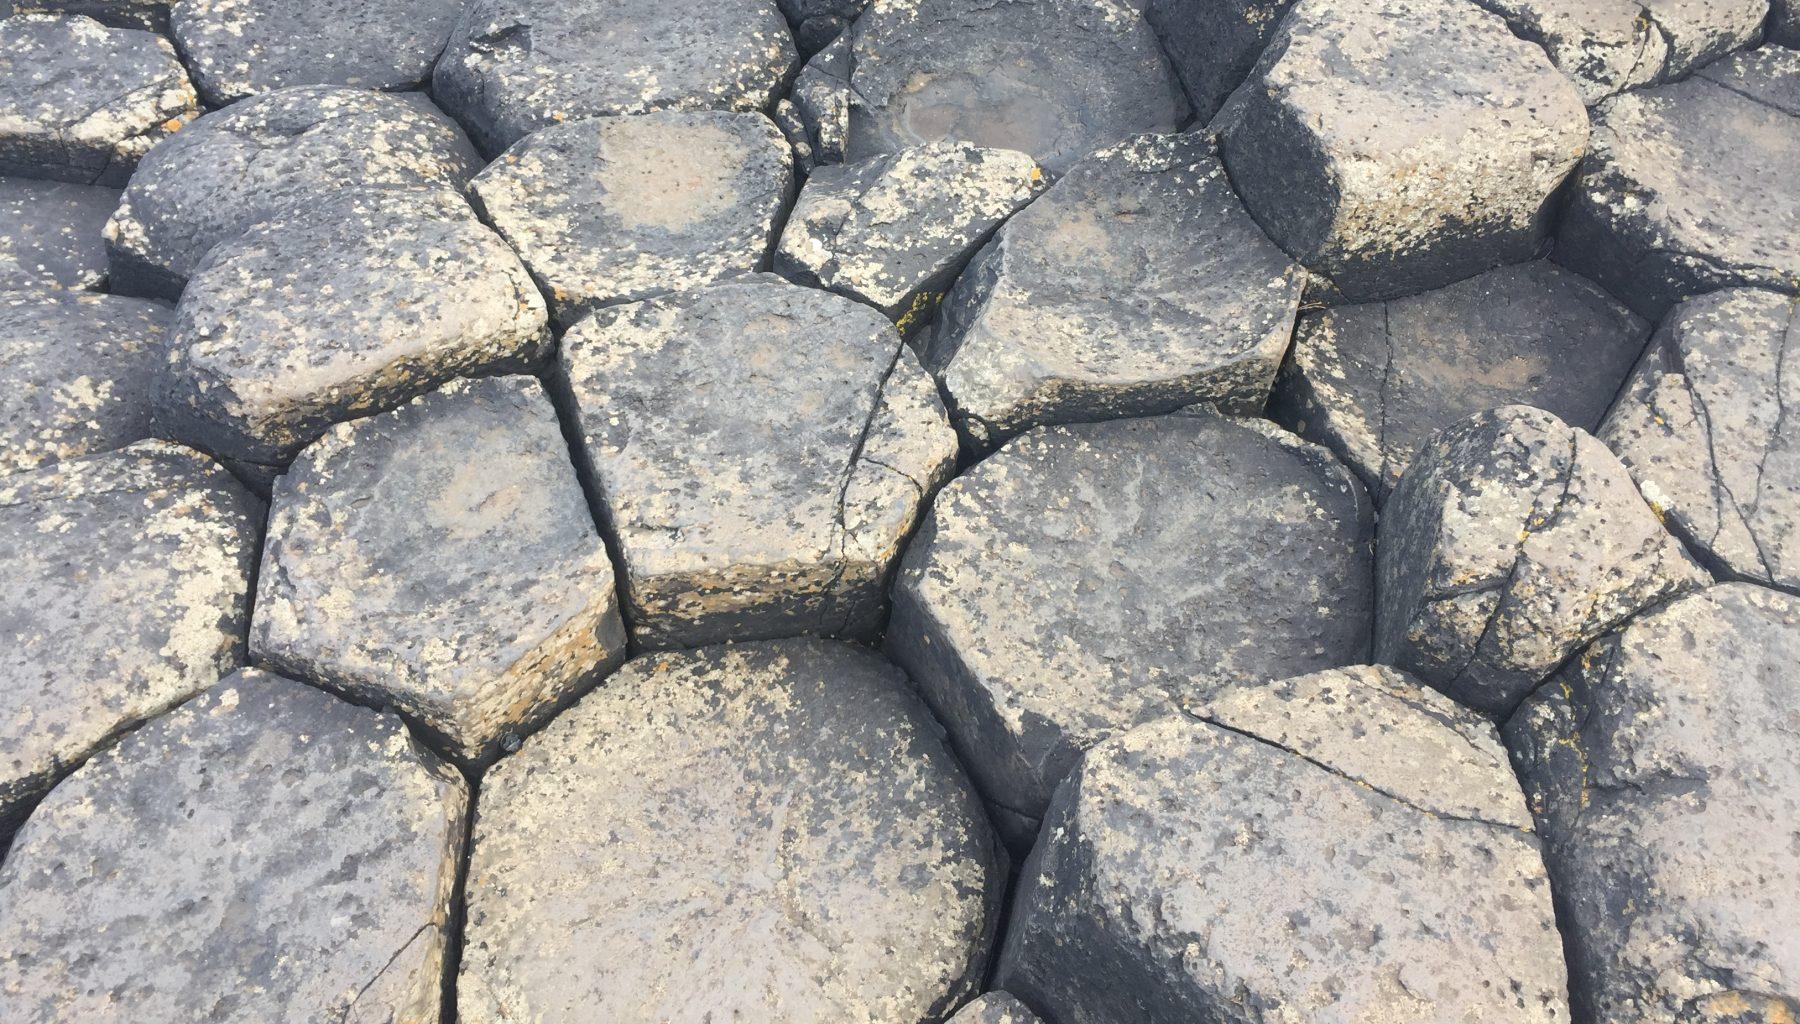 Las rocas. Calzada del Gigante